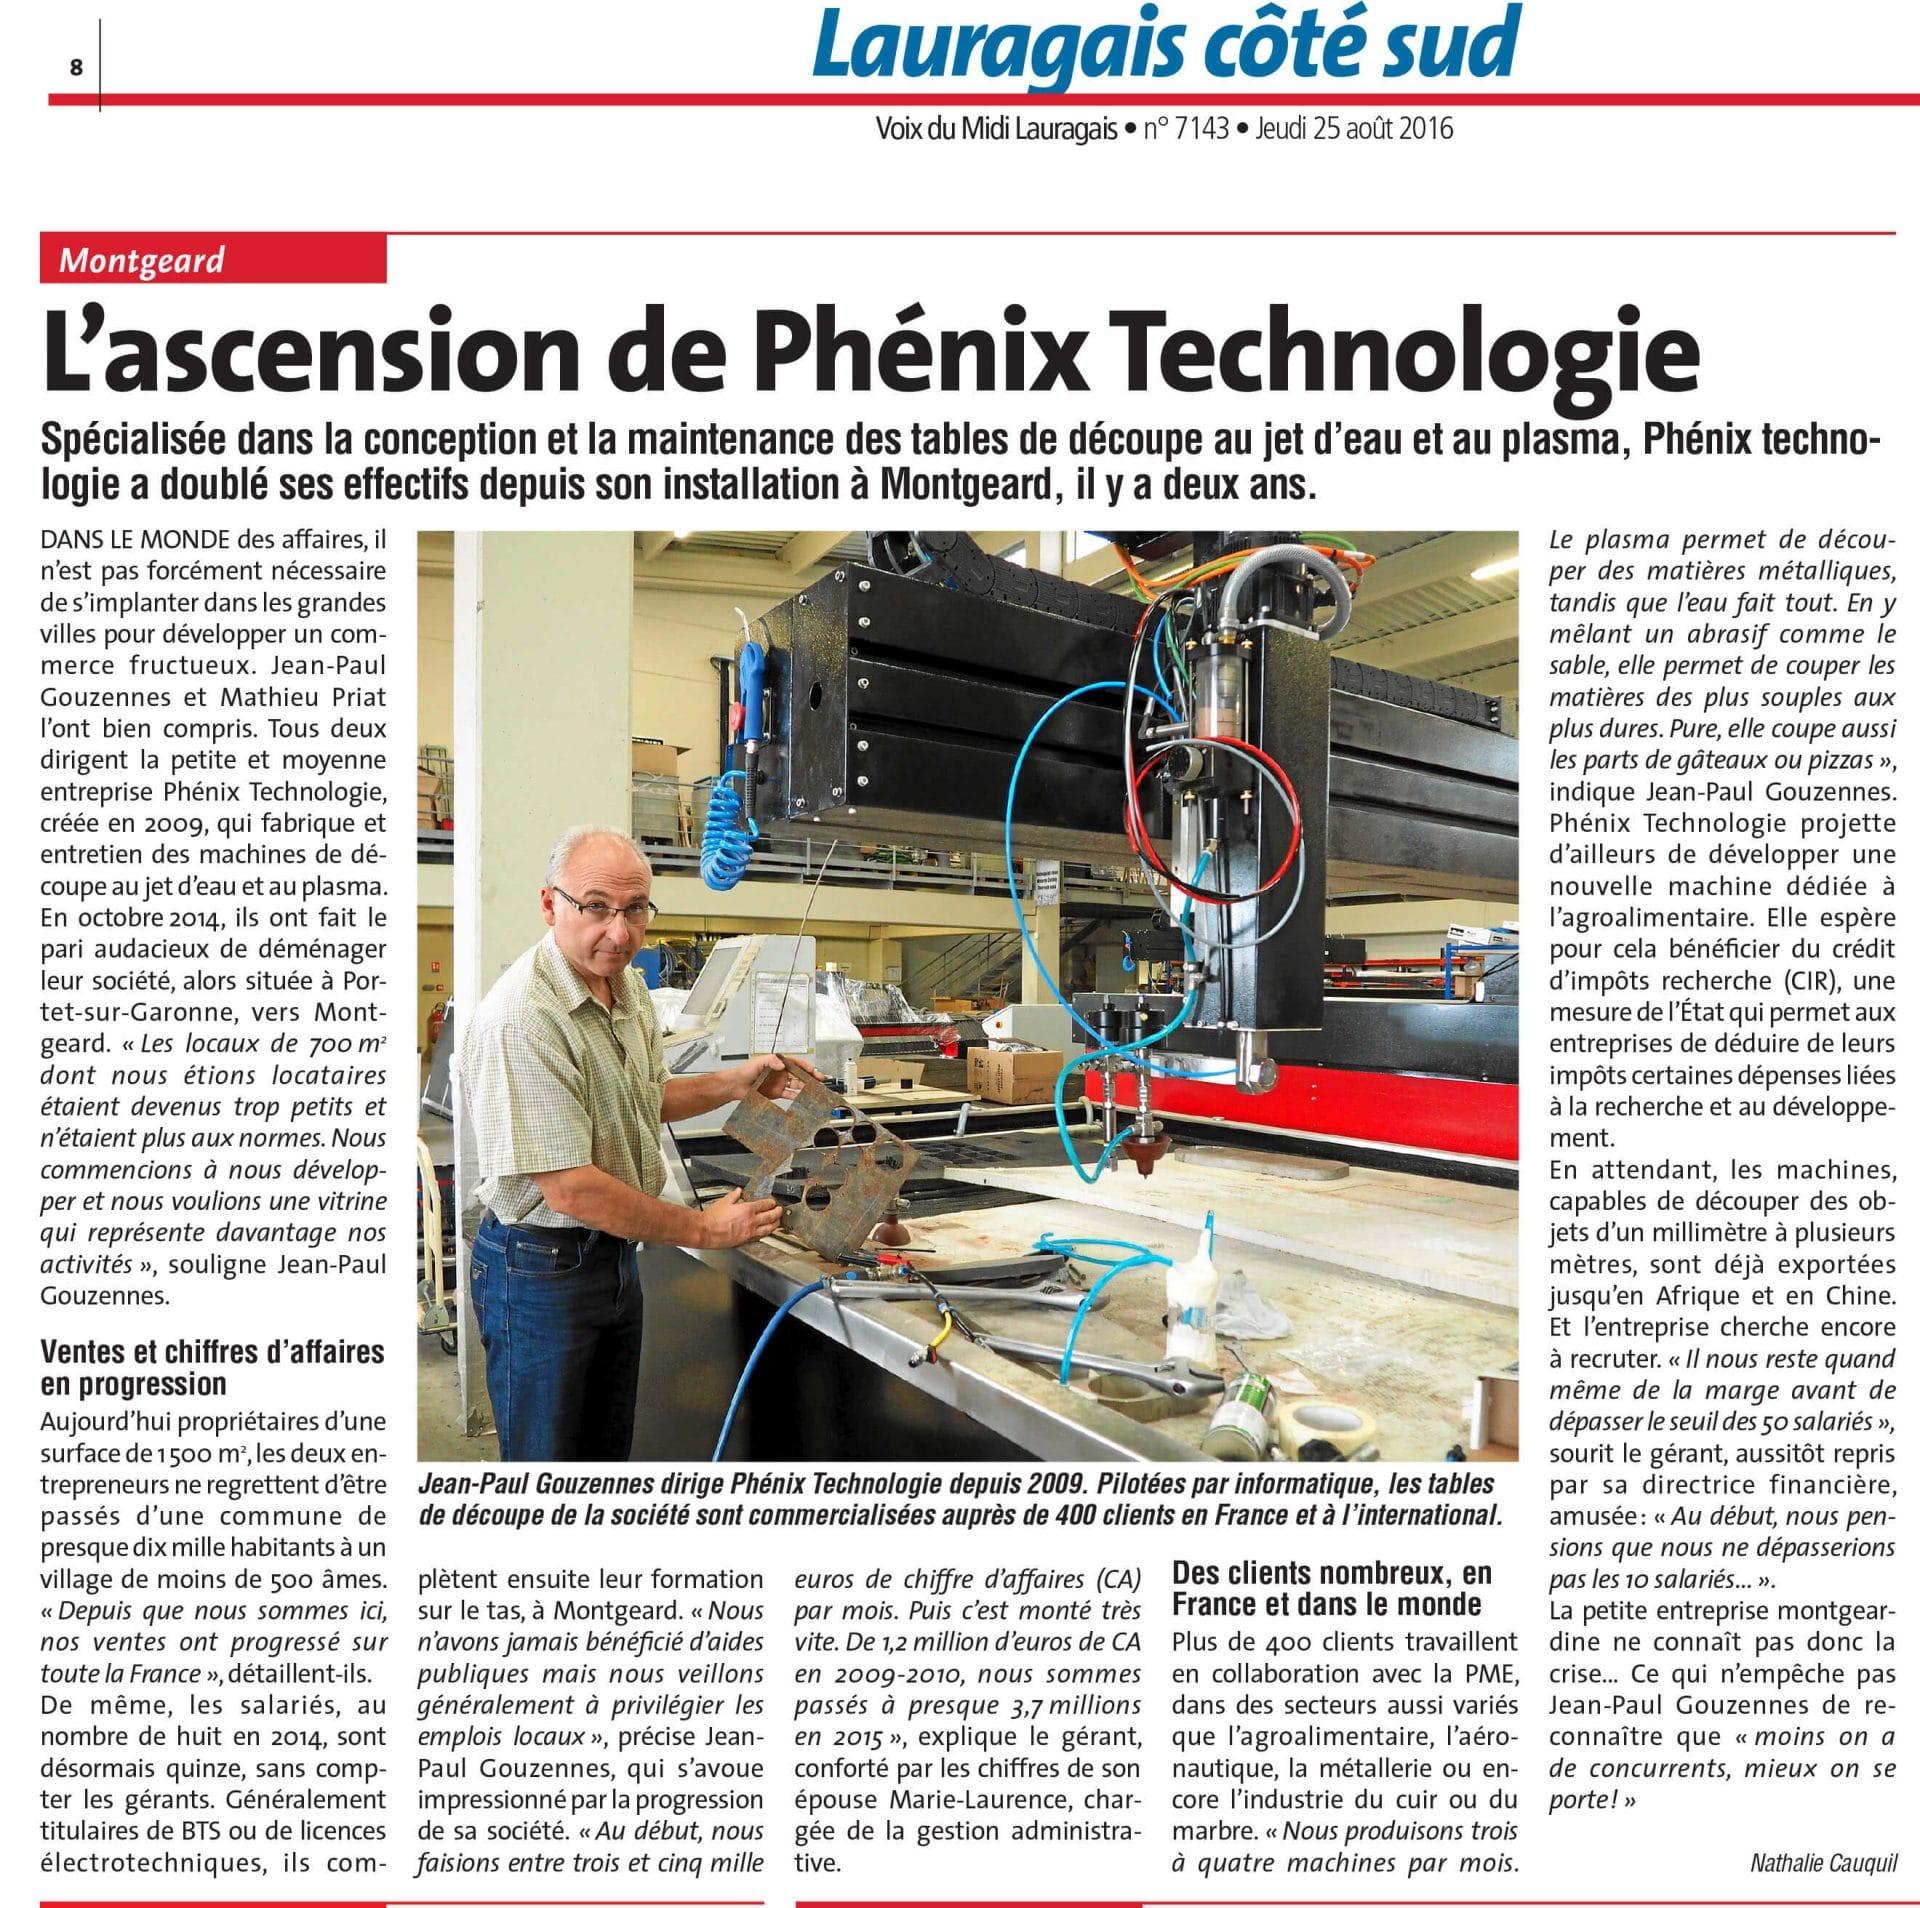 PHENIX TECHNOLOGIE FABRICANT CENTRES DE DECOUPE JET D'EAU ET PLASMA